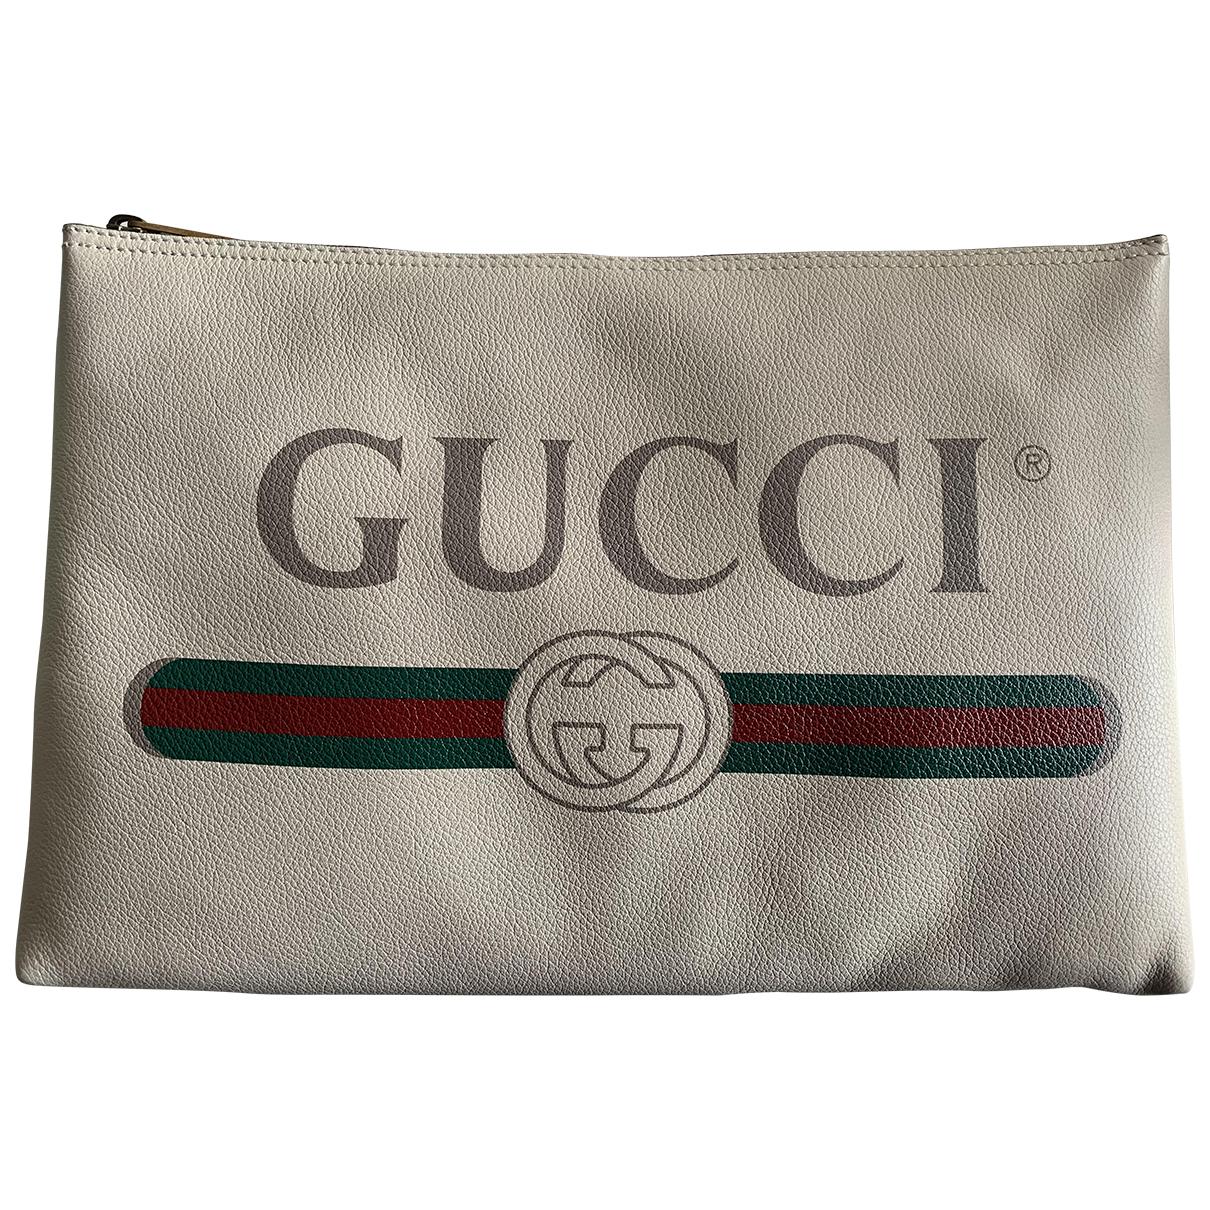 Gucci \N Kleinlederwaren in  Weiss Leder